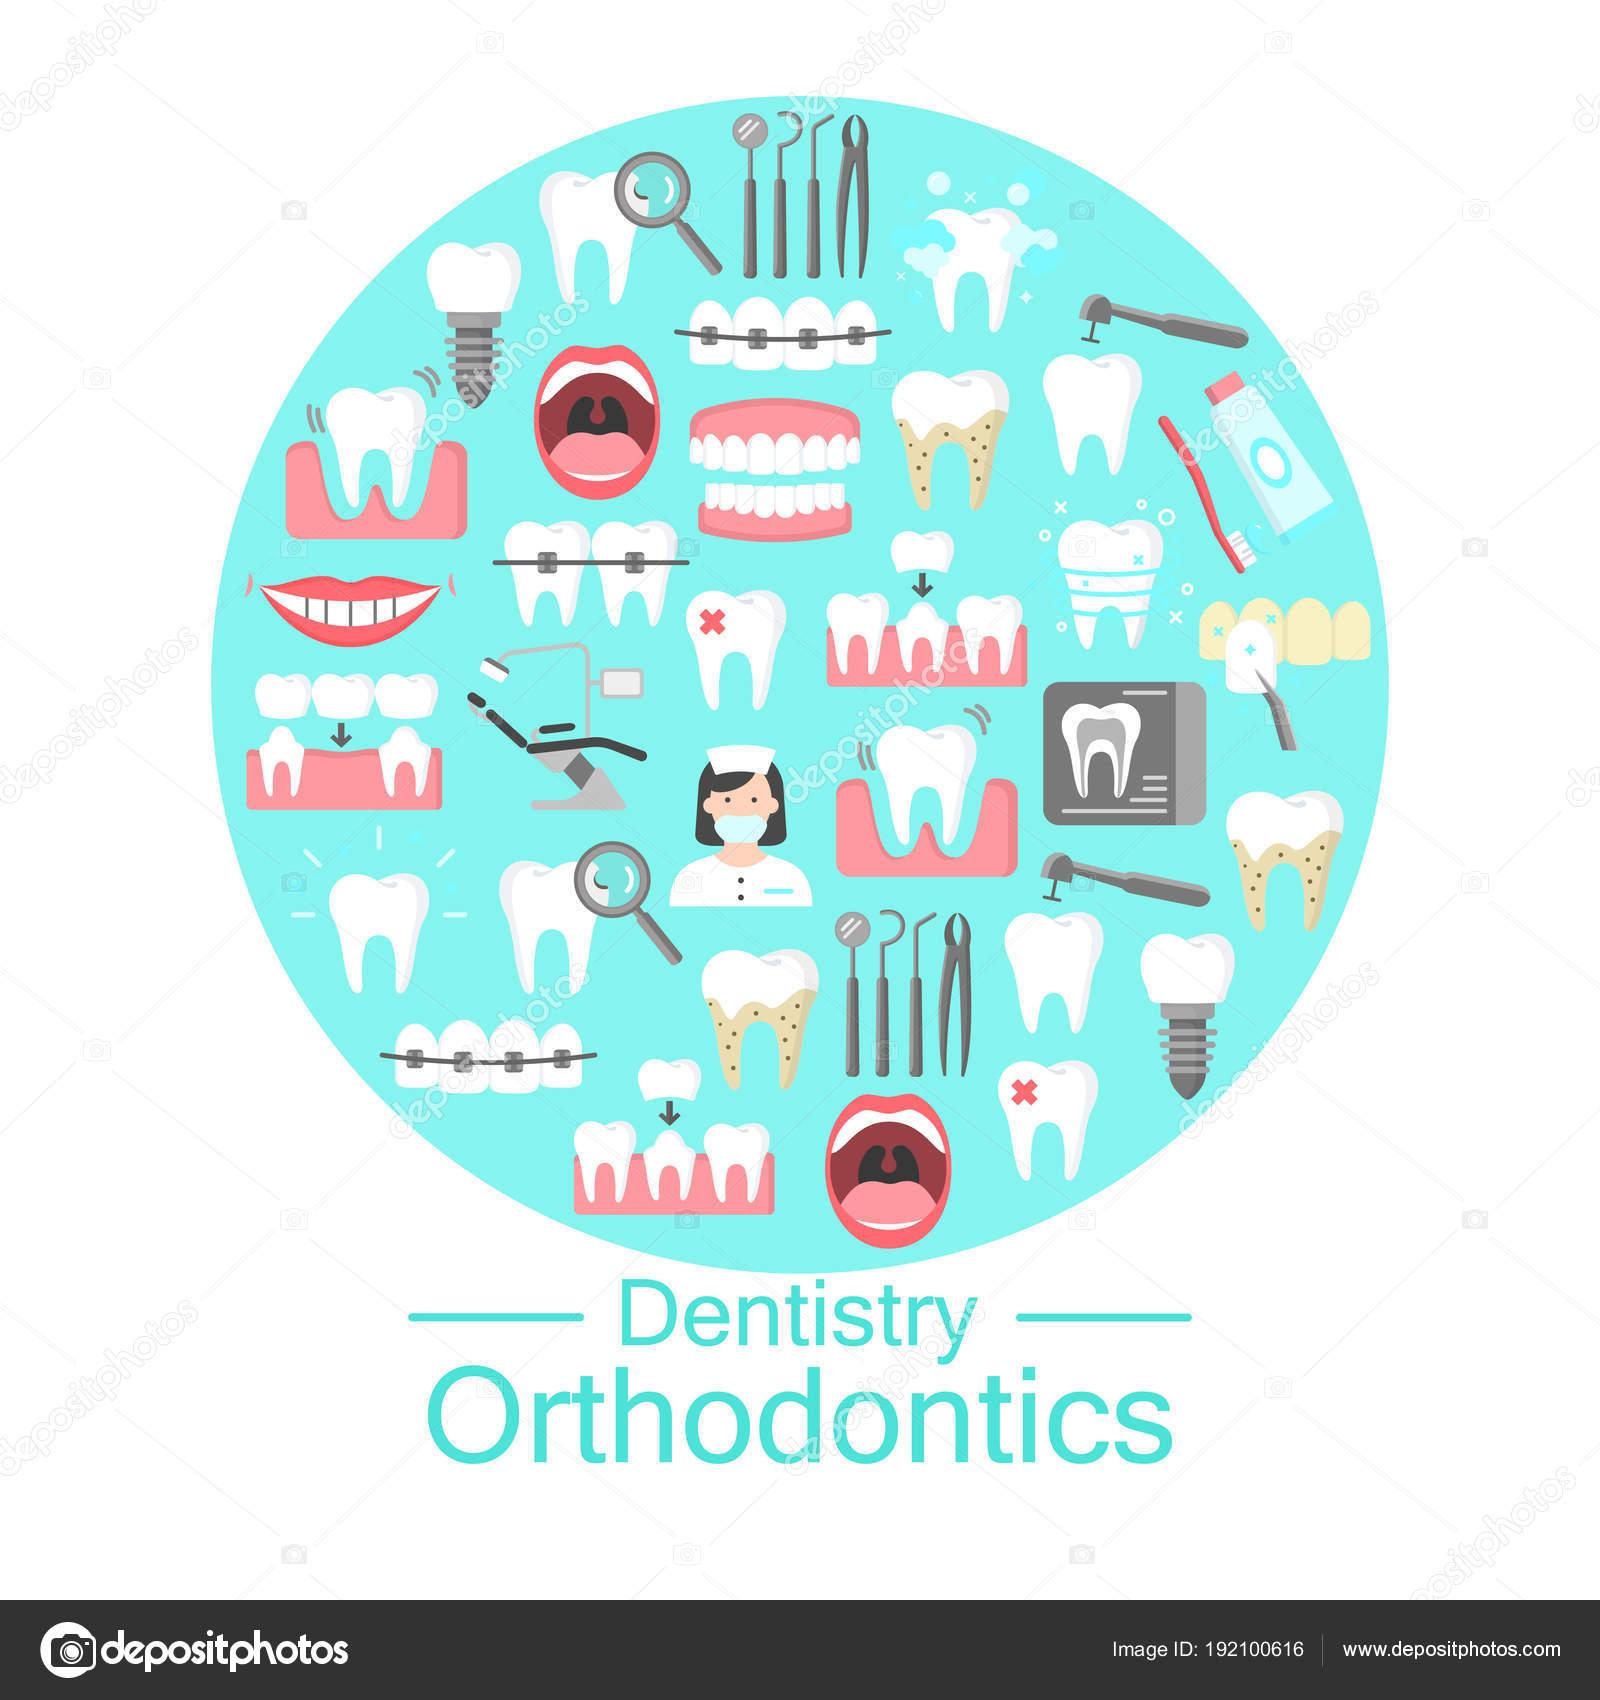 1265ba024 Odontologia e ortodontia banner com ícones simples de higiene dental de  dentadura implantaram ilustração vetorial de roentgen cavidade oral.